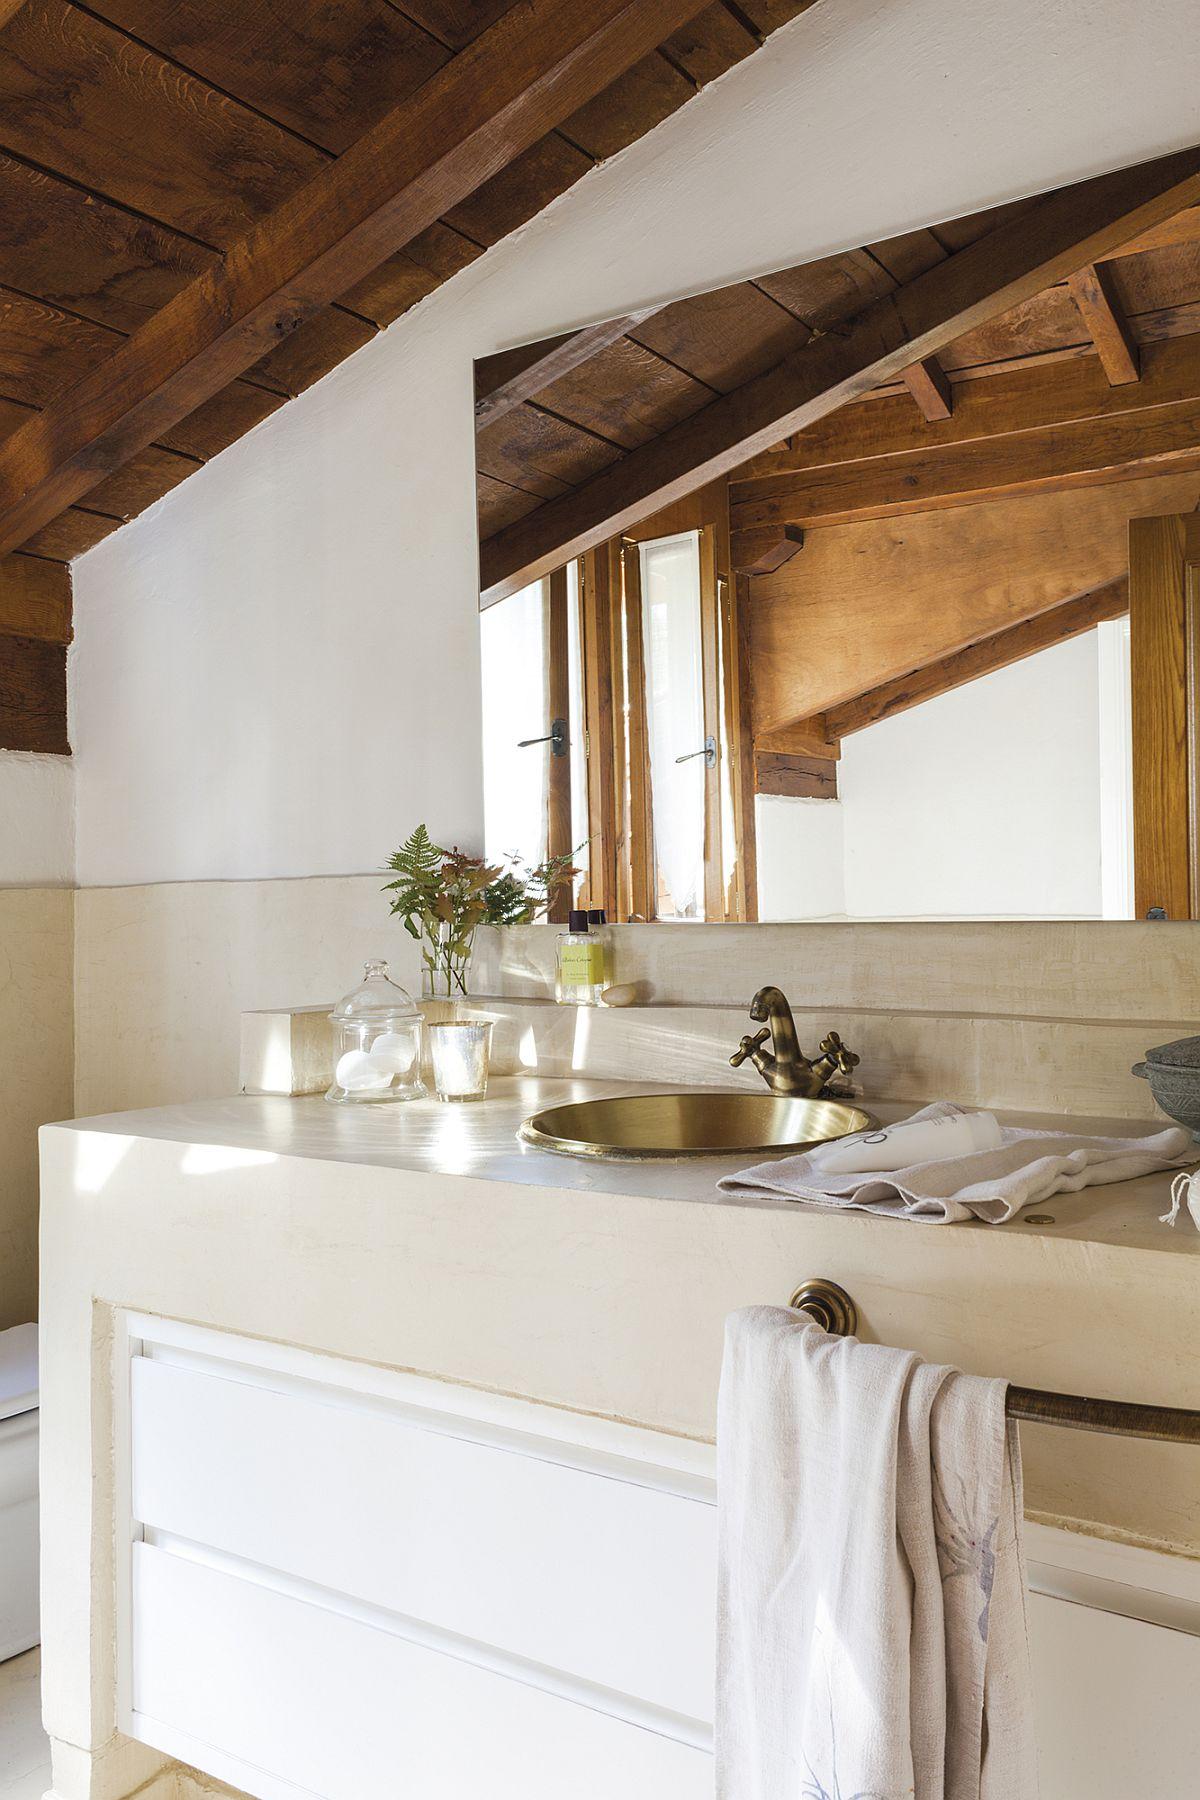 adelaparvu.com despre casa rustica Spania, design Mujika Interiorismo, Foto ElMueble, Adolfo Fernandez (12)